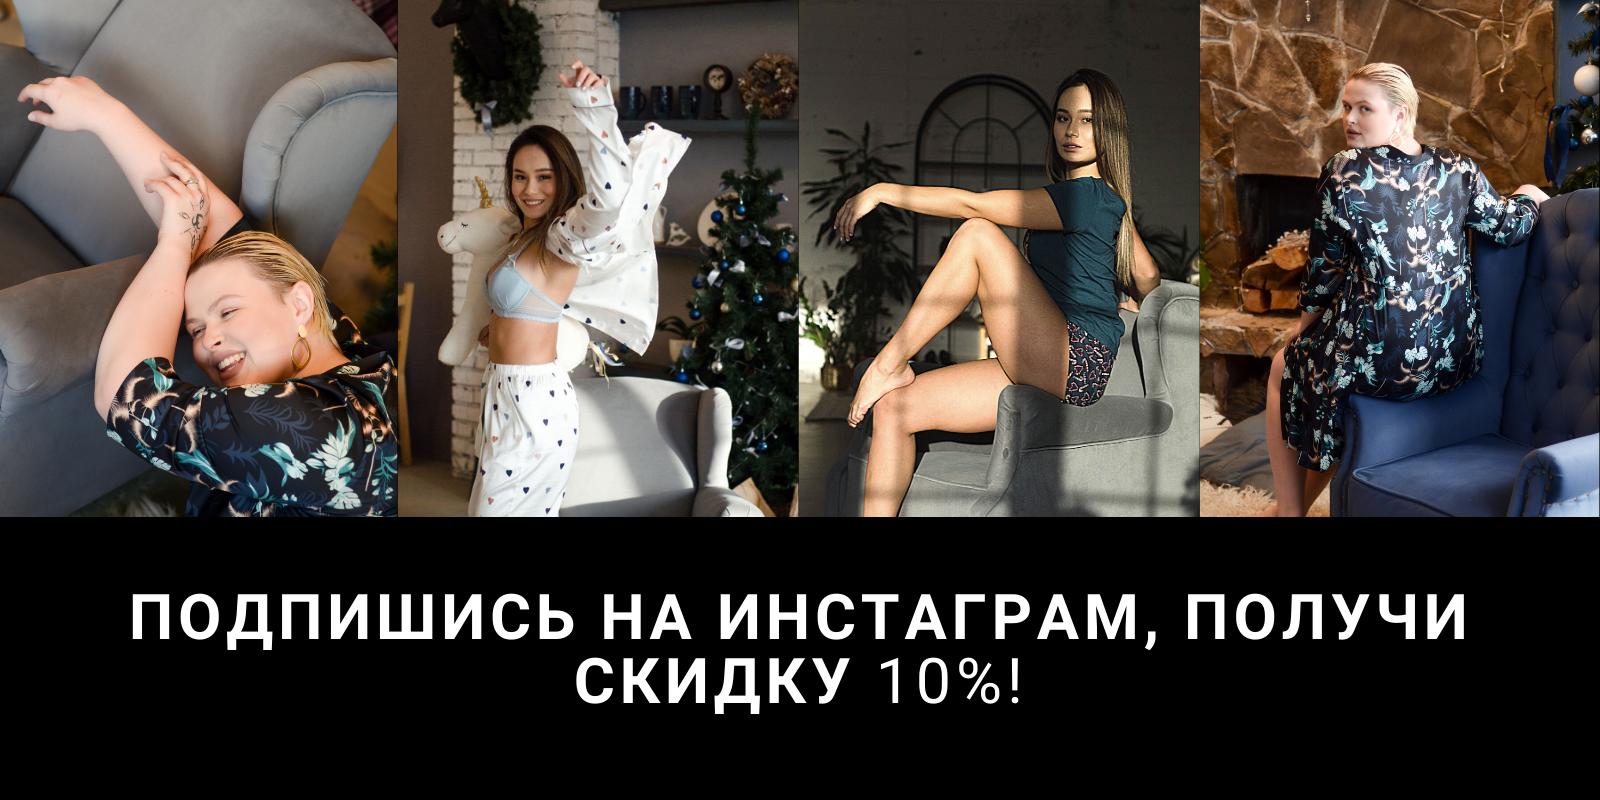 Магазины в красноярске нижнего женского белья иконки женское белье